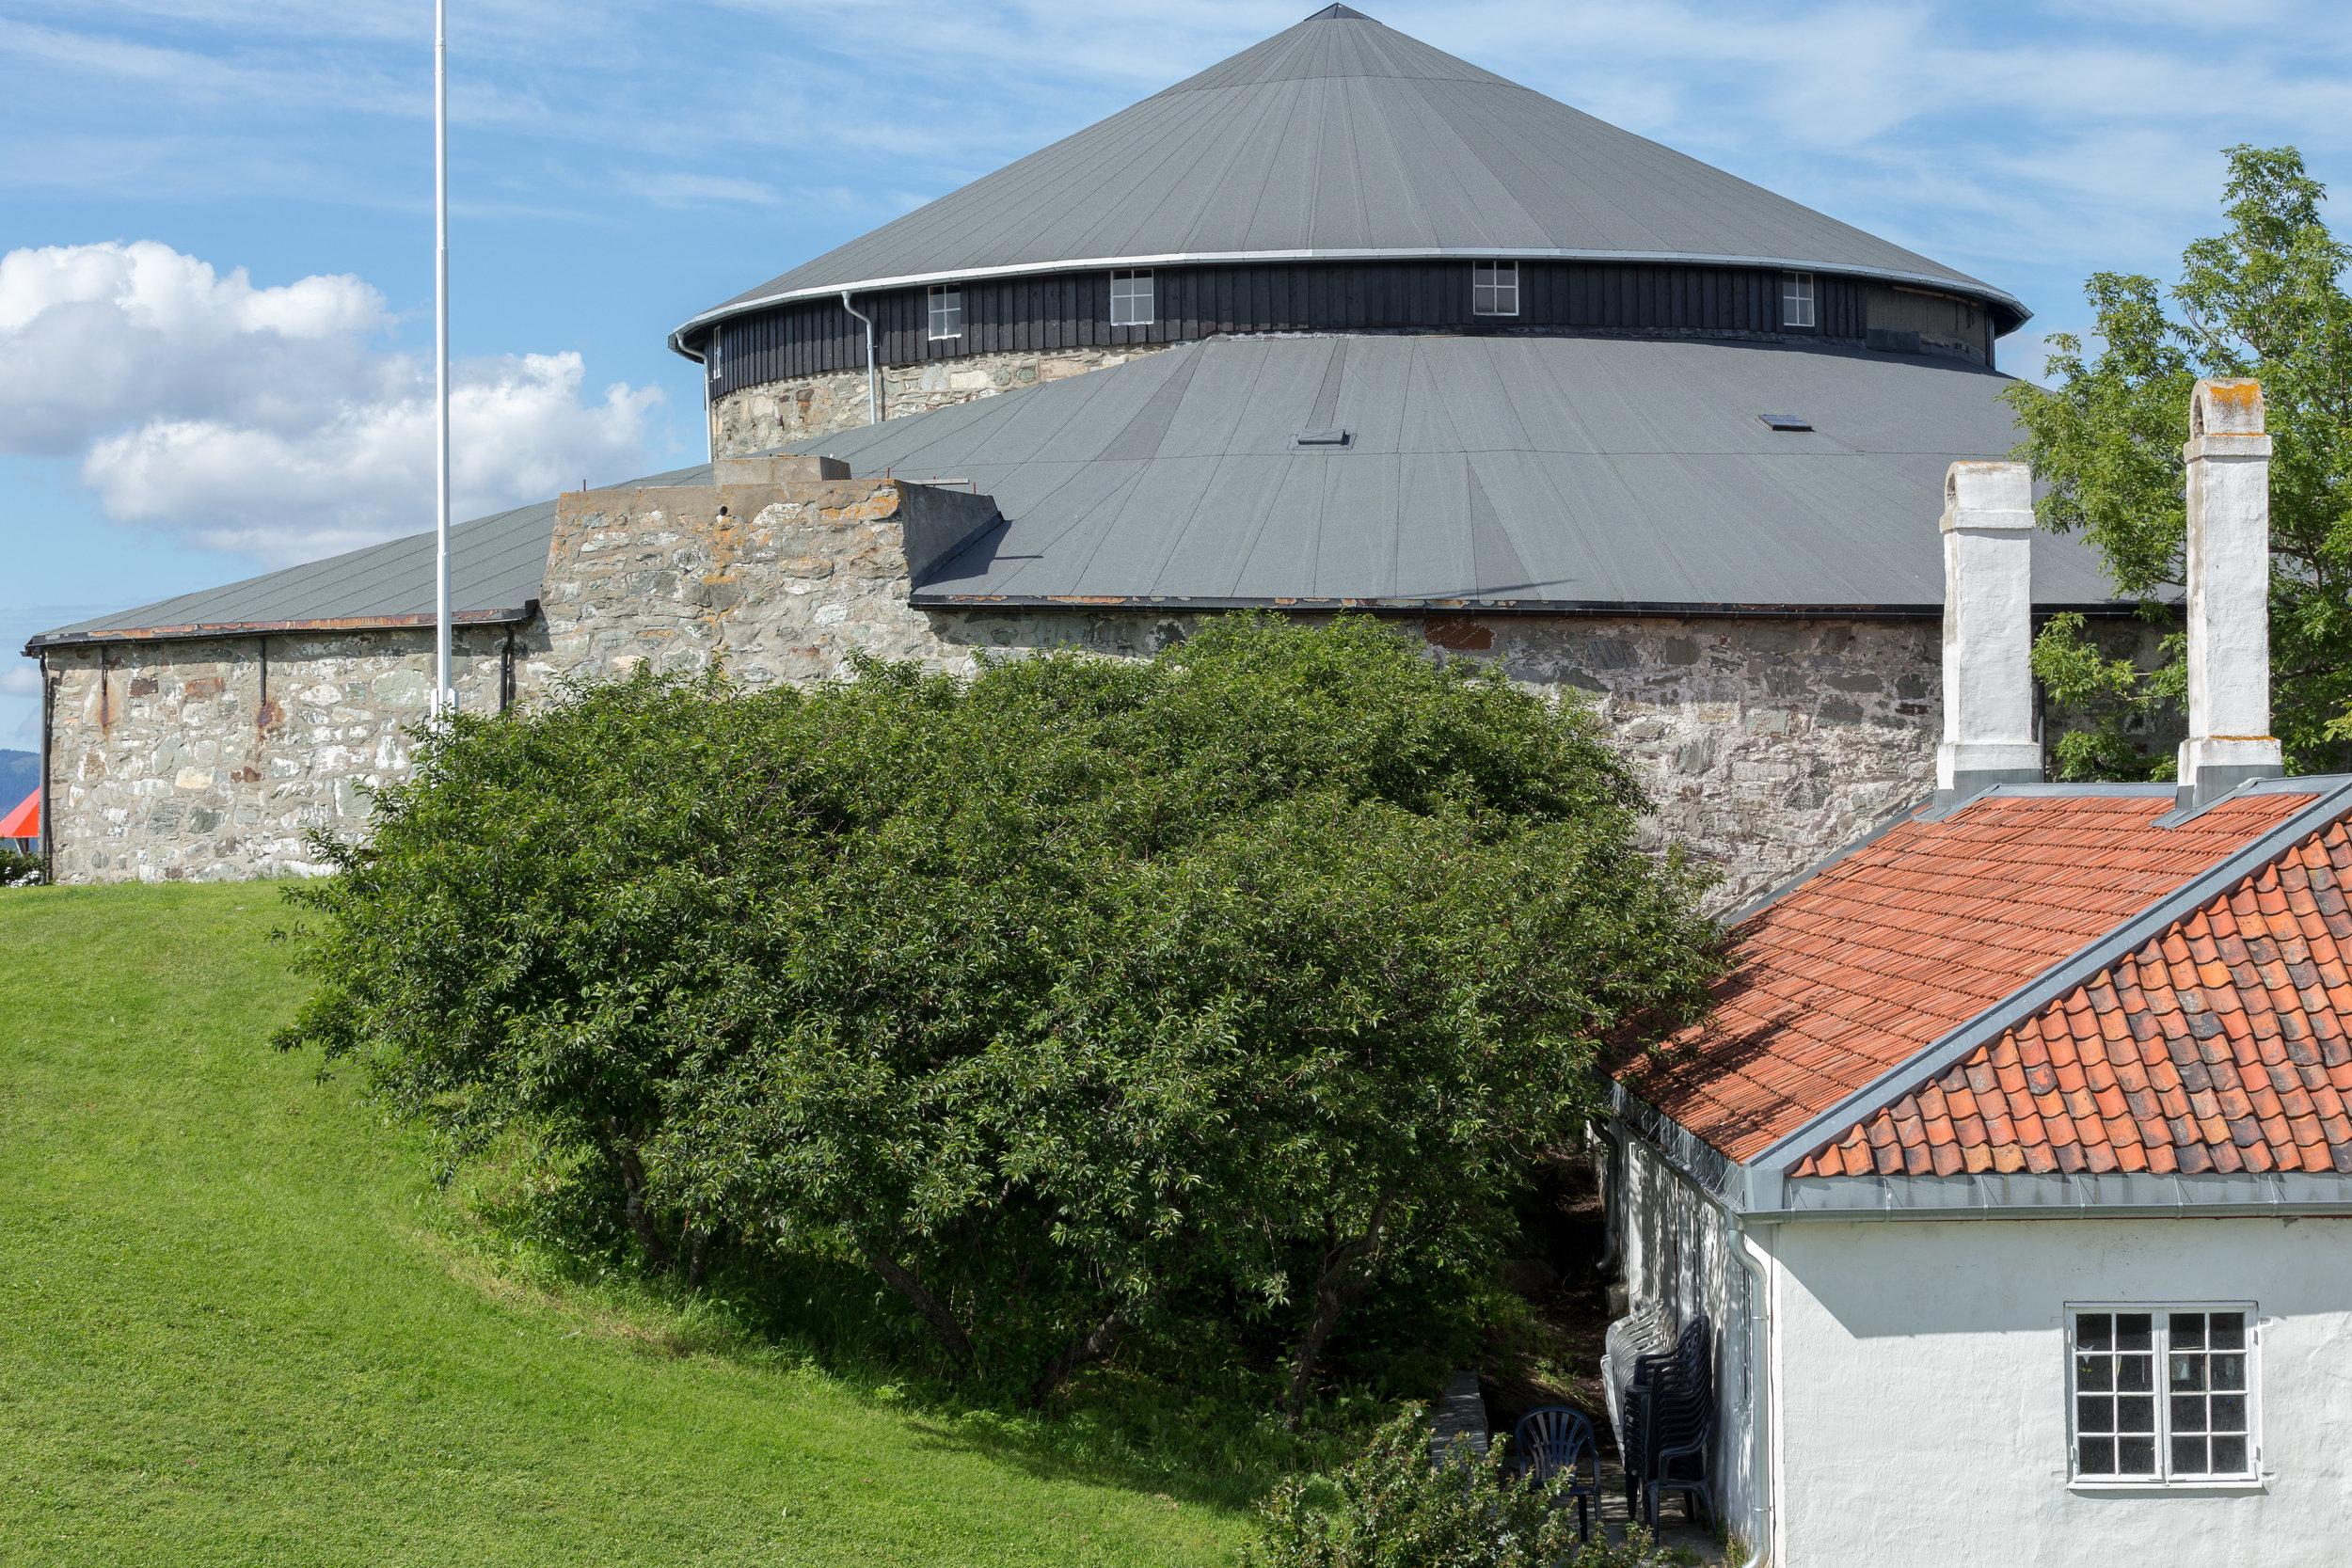 Tripps-båtservice-trondheim-norge-sightseeing-munkholmen-0951.jpg